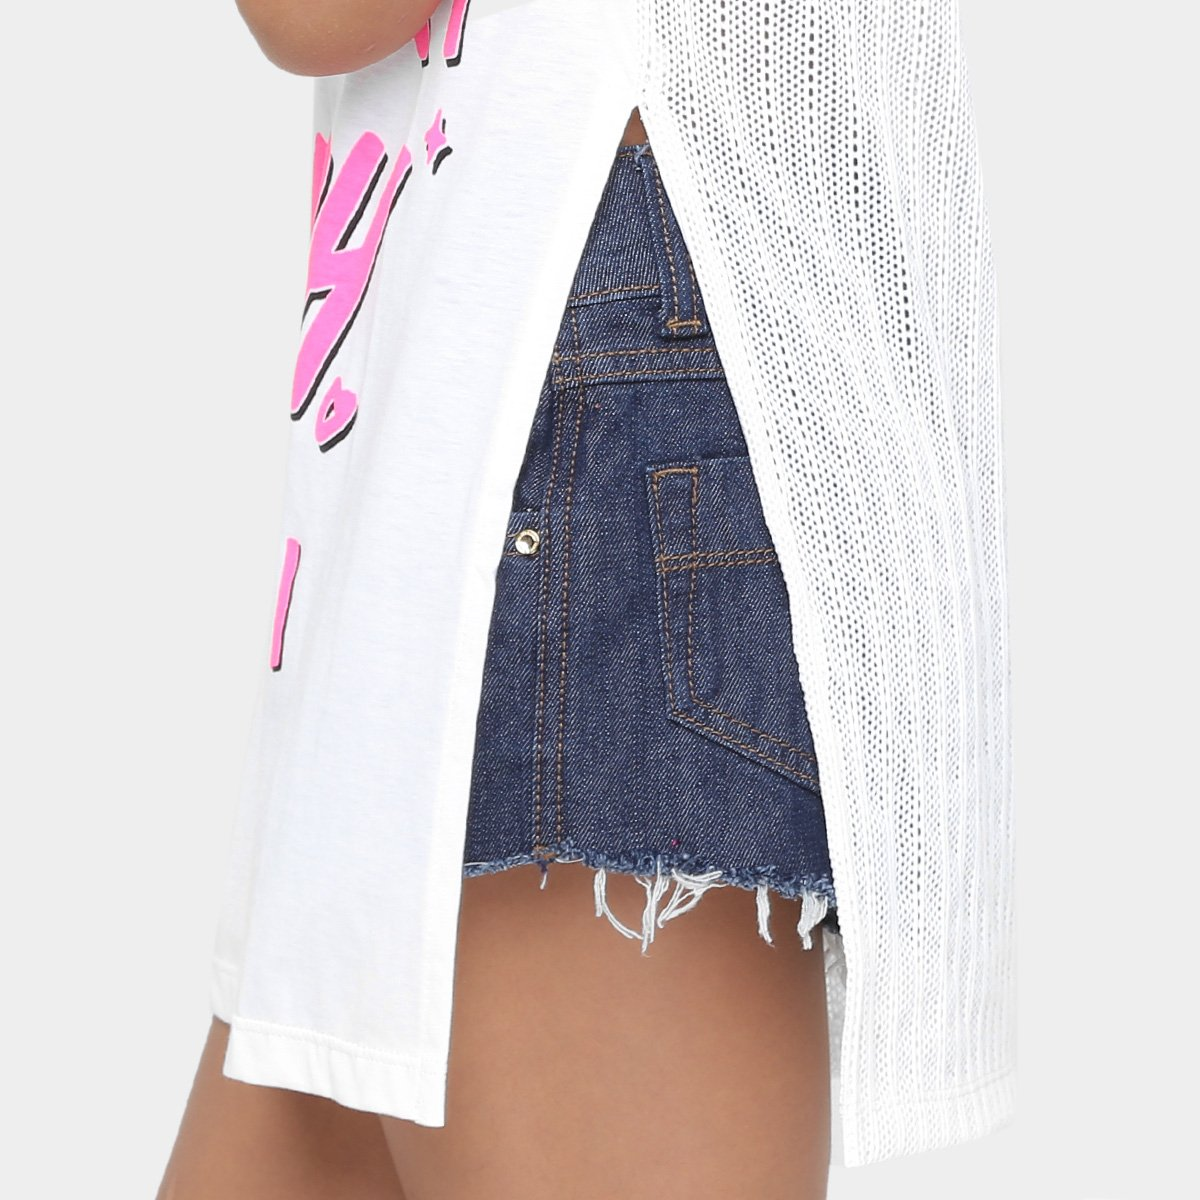 Camiseta Feminina Infantil Camiseta Colcci Infantil Estampada Off White Fun q5vB7Yw